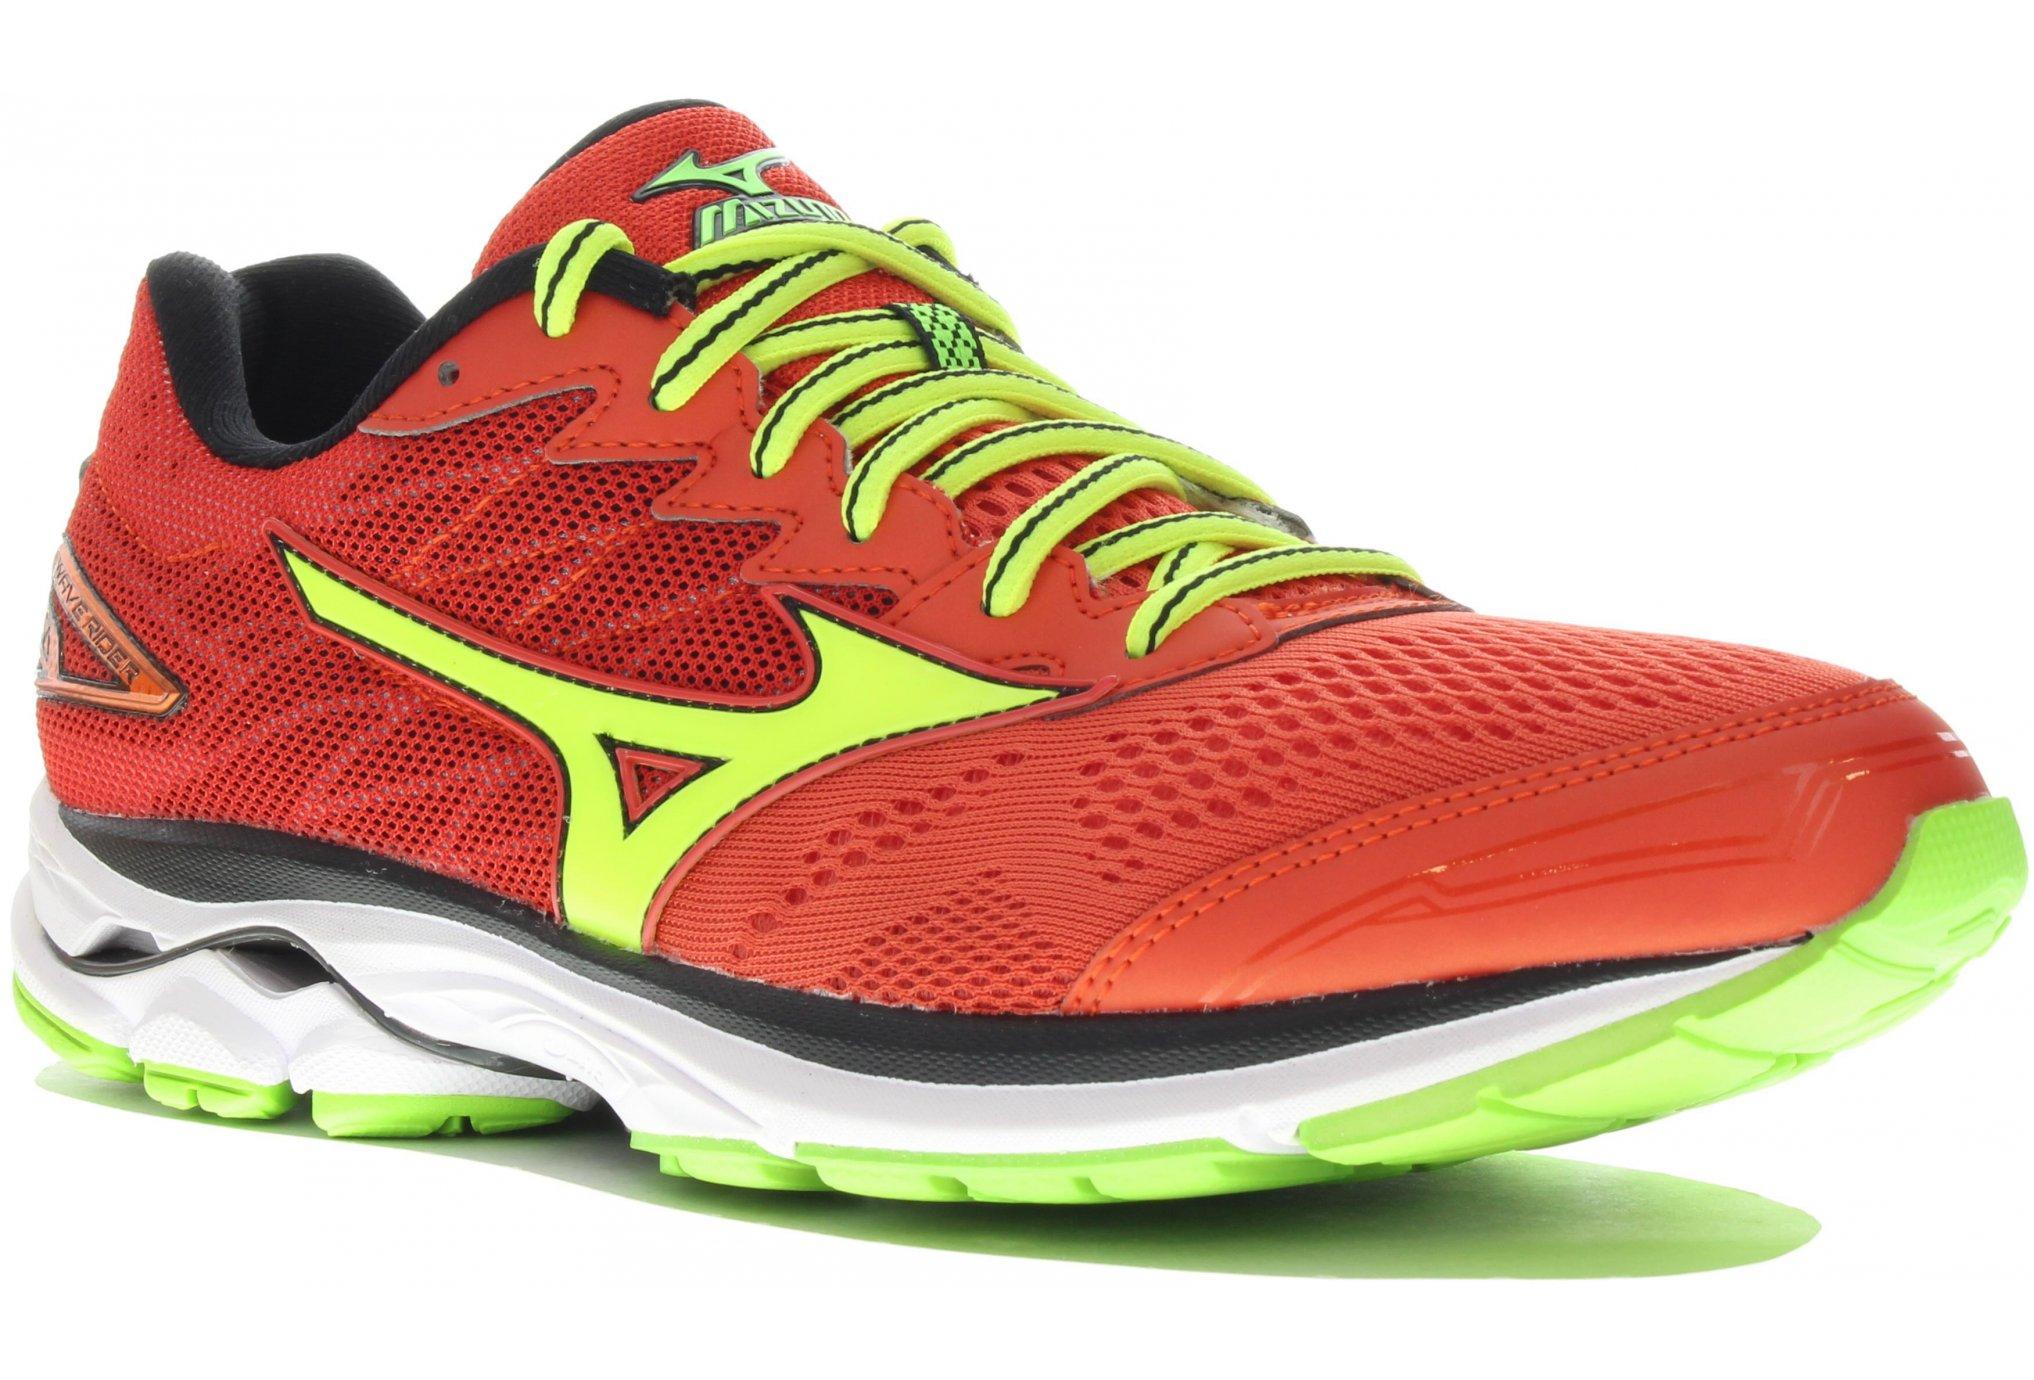 acheter populaire 6ff0e 8041b Choisir ses chaussures de course à pied : vos questions, nos ...